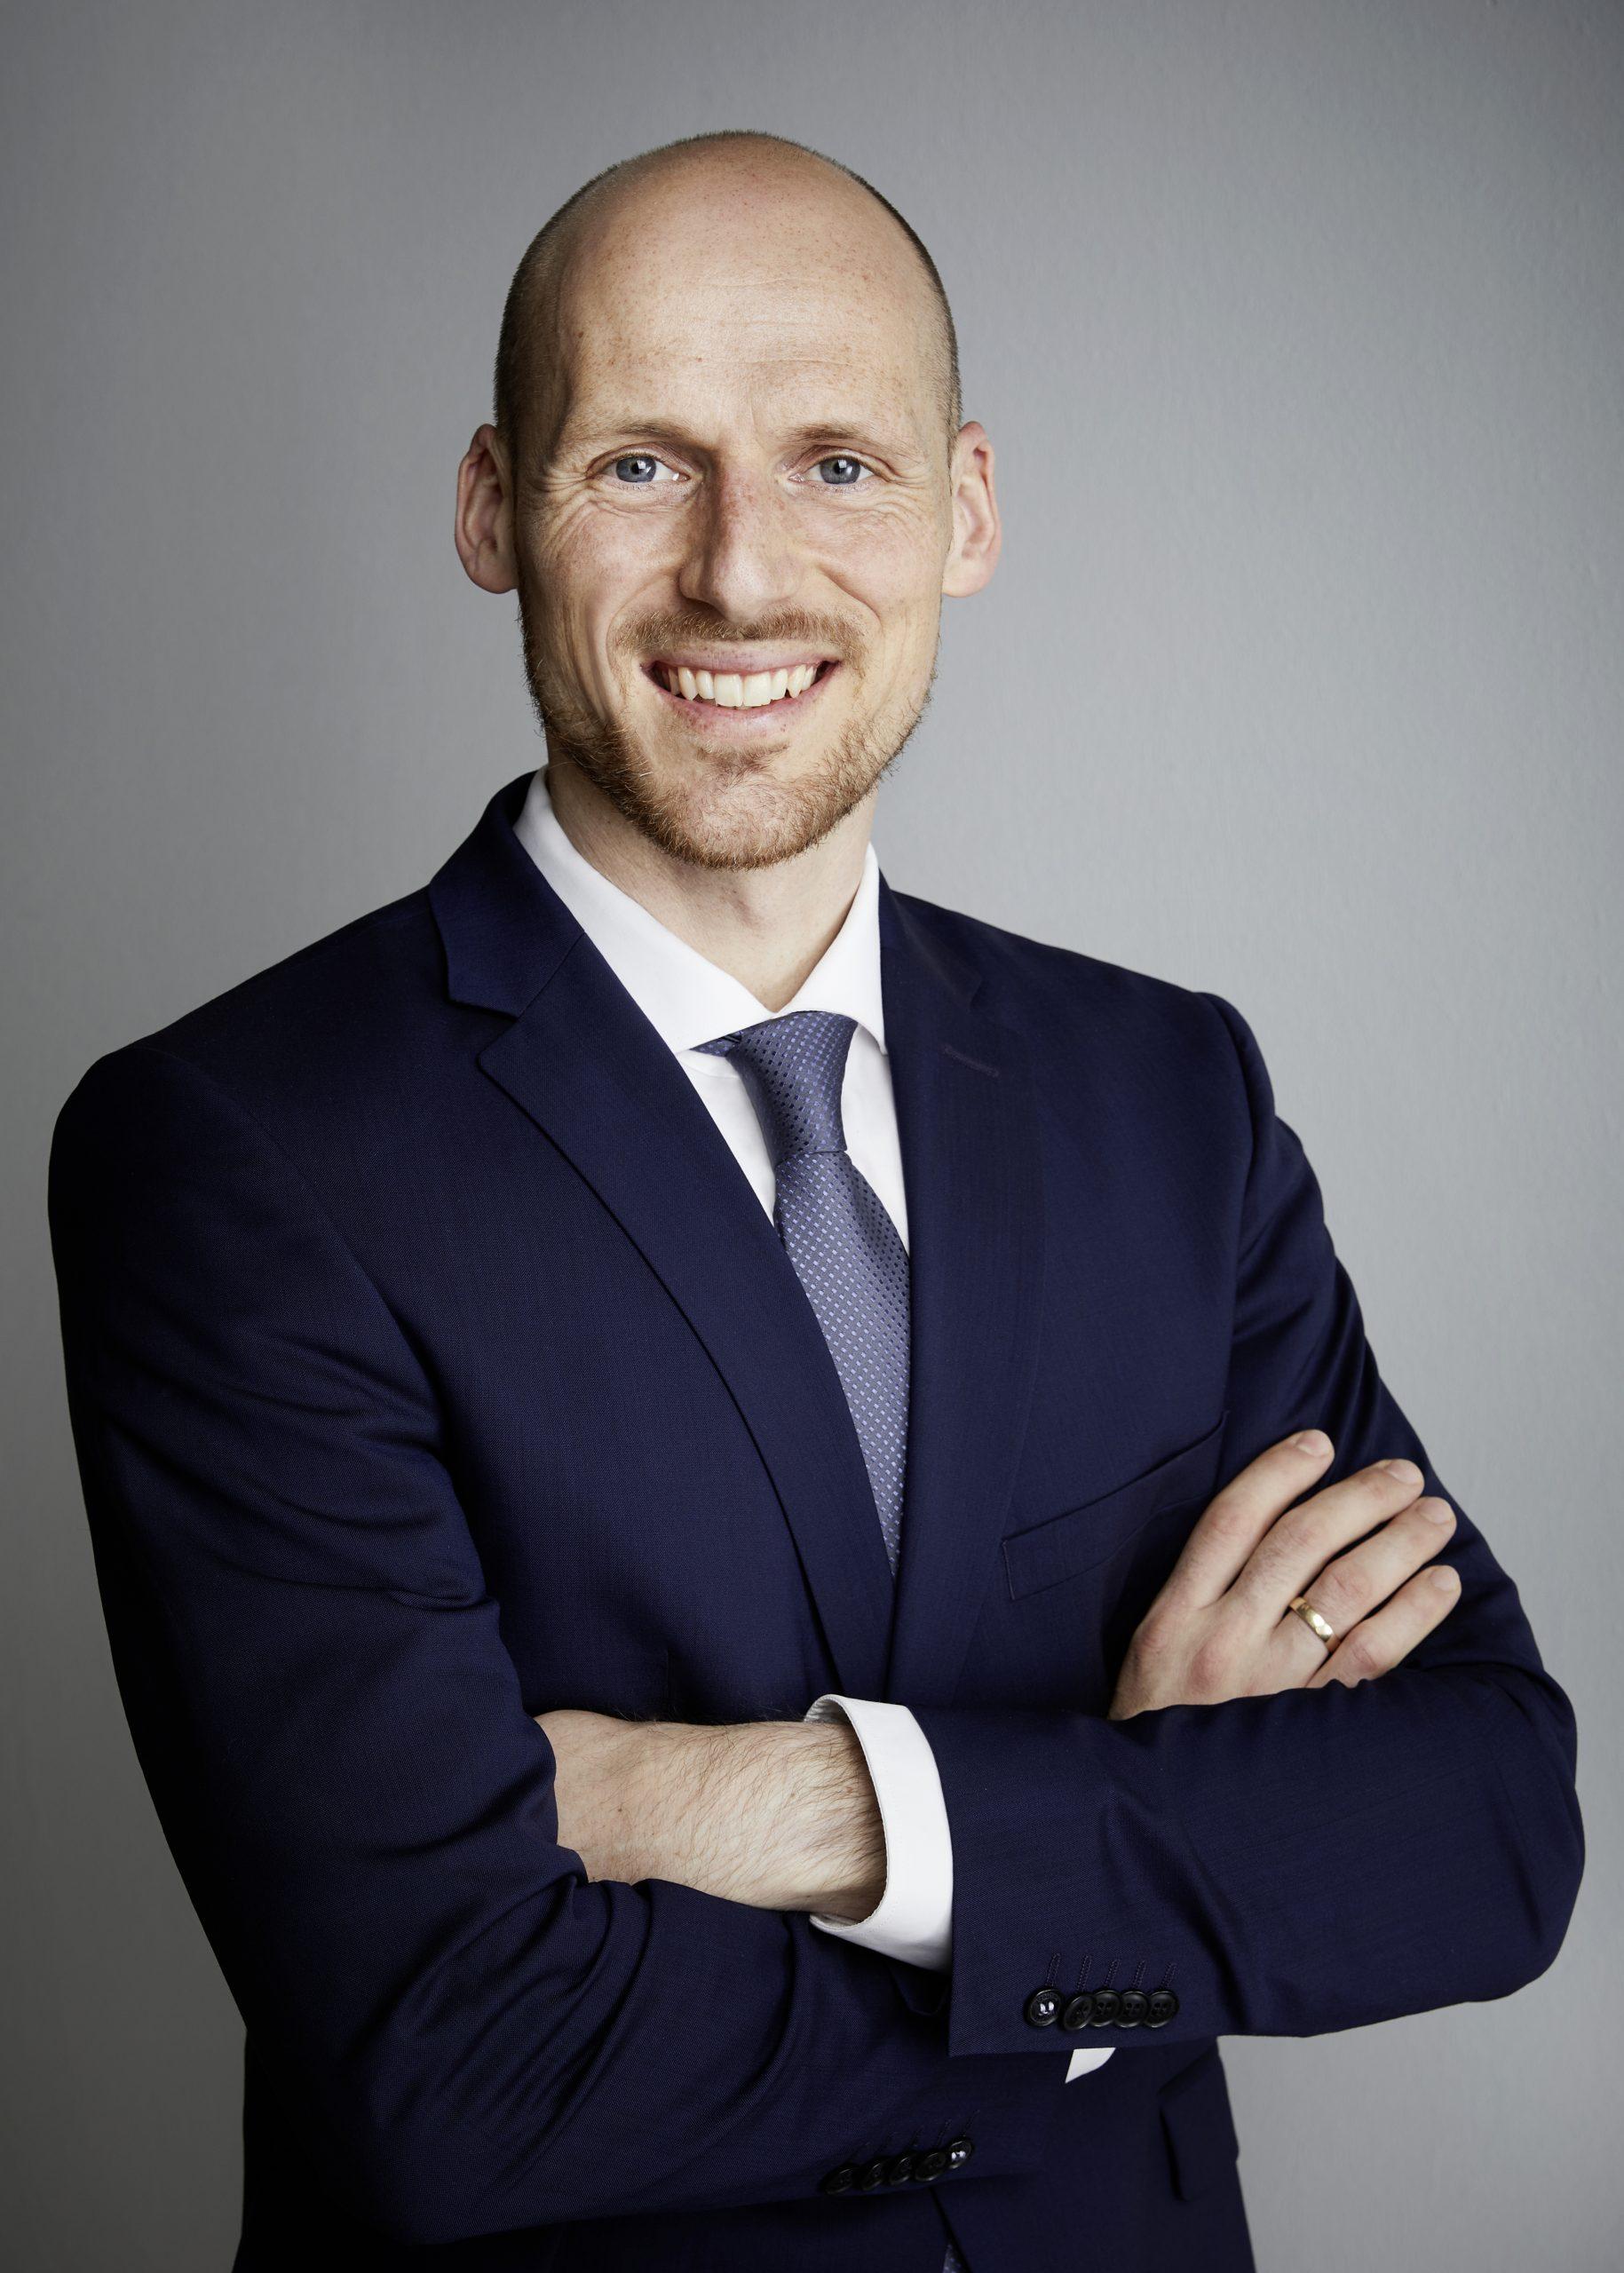 Tobias Duffner - Vom Fußball über die Promotion ins Consulting